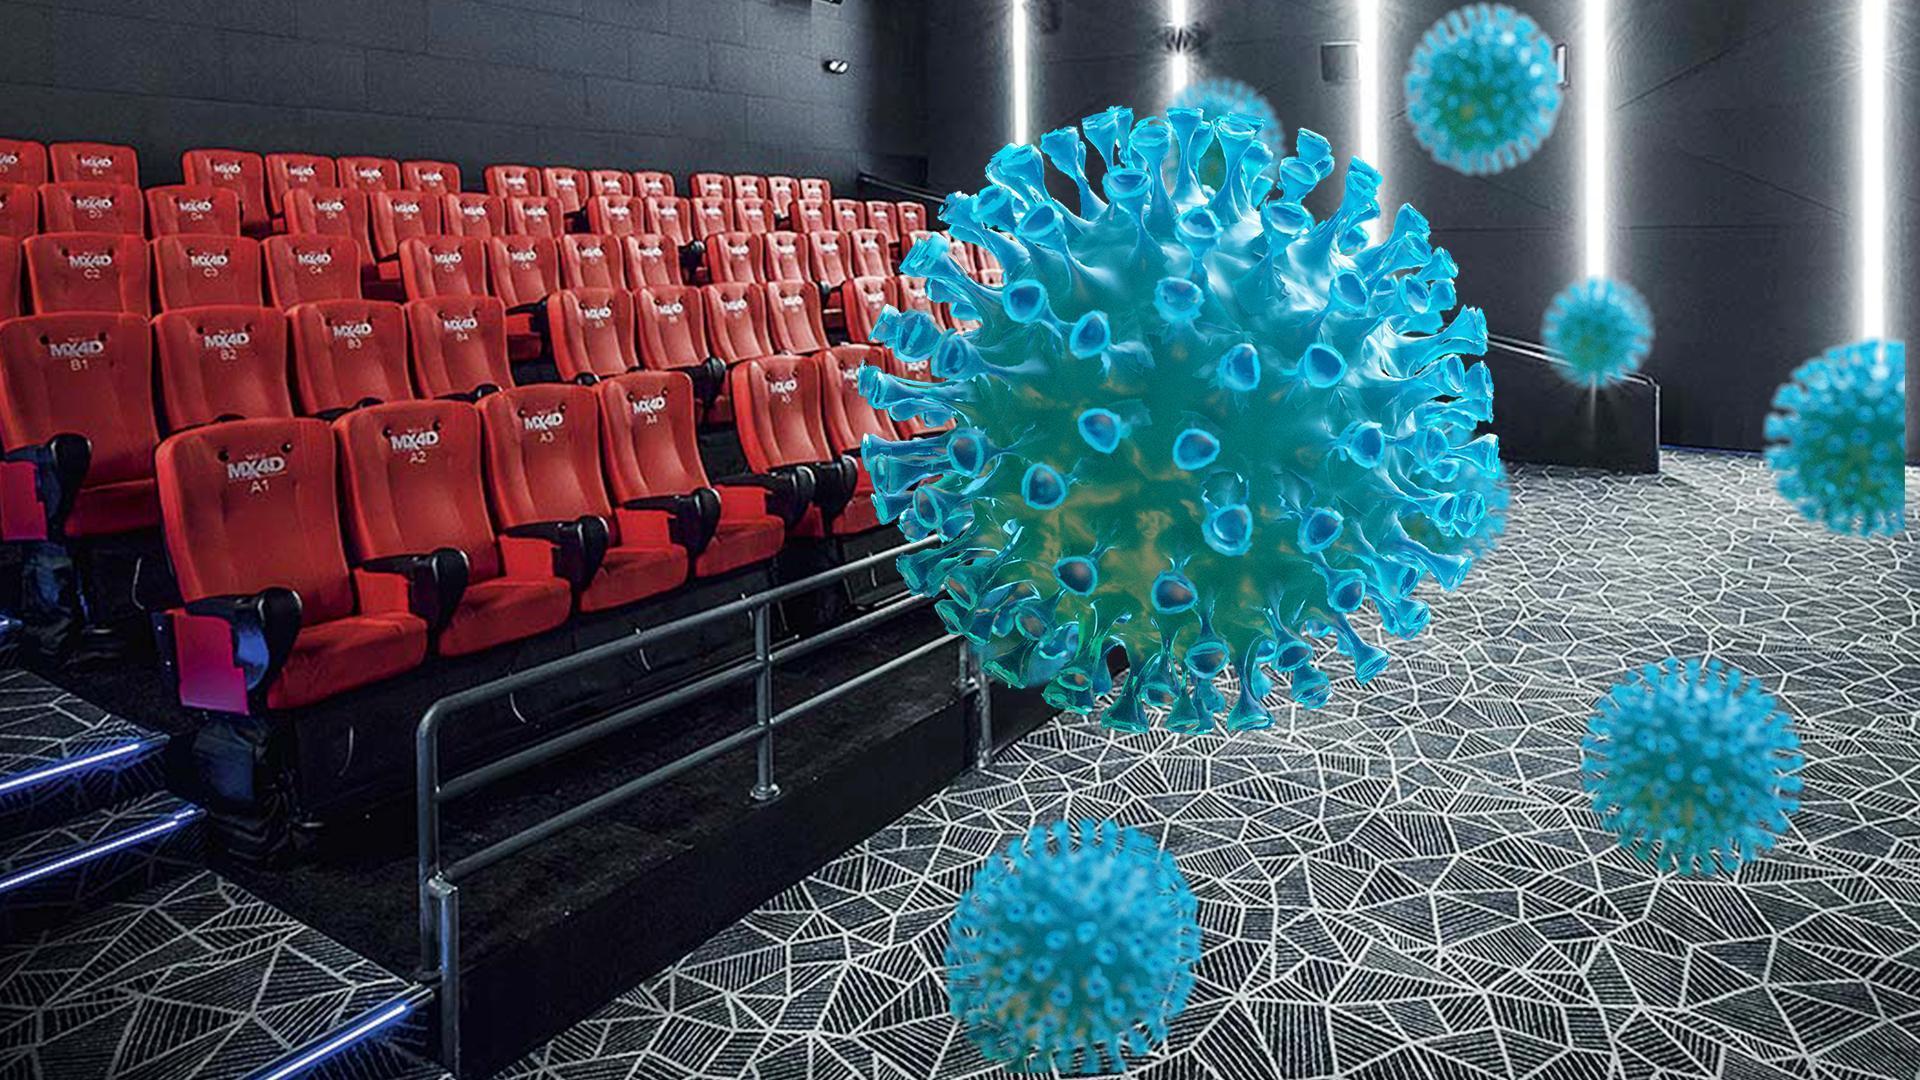 kiná sa zatvárajú kvôli koronavírusu